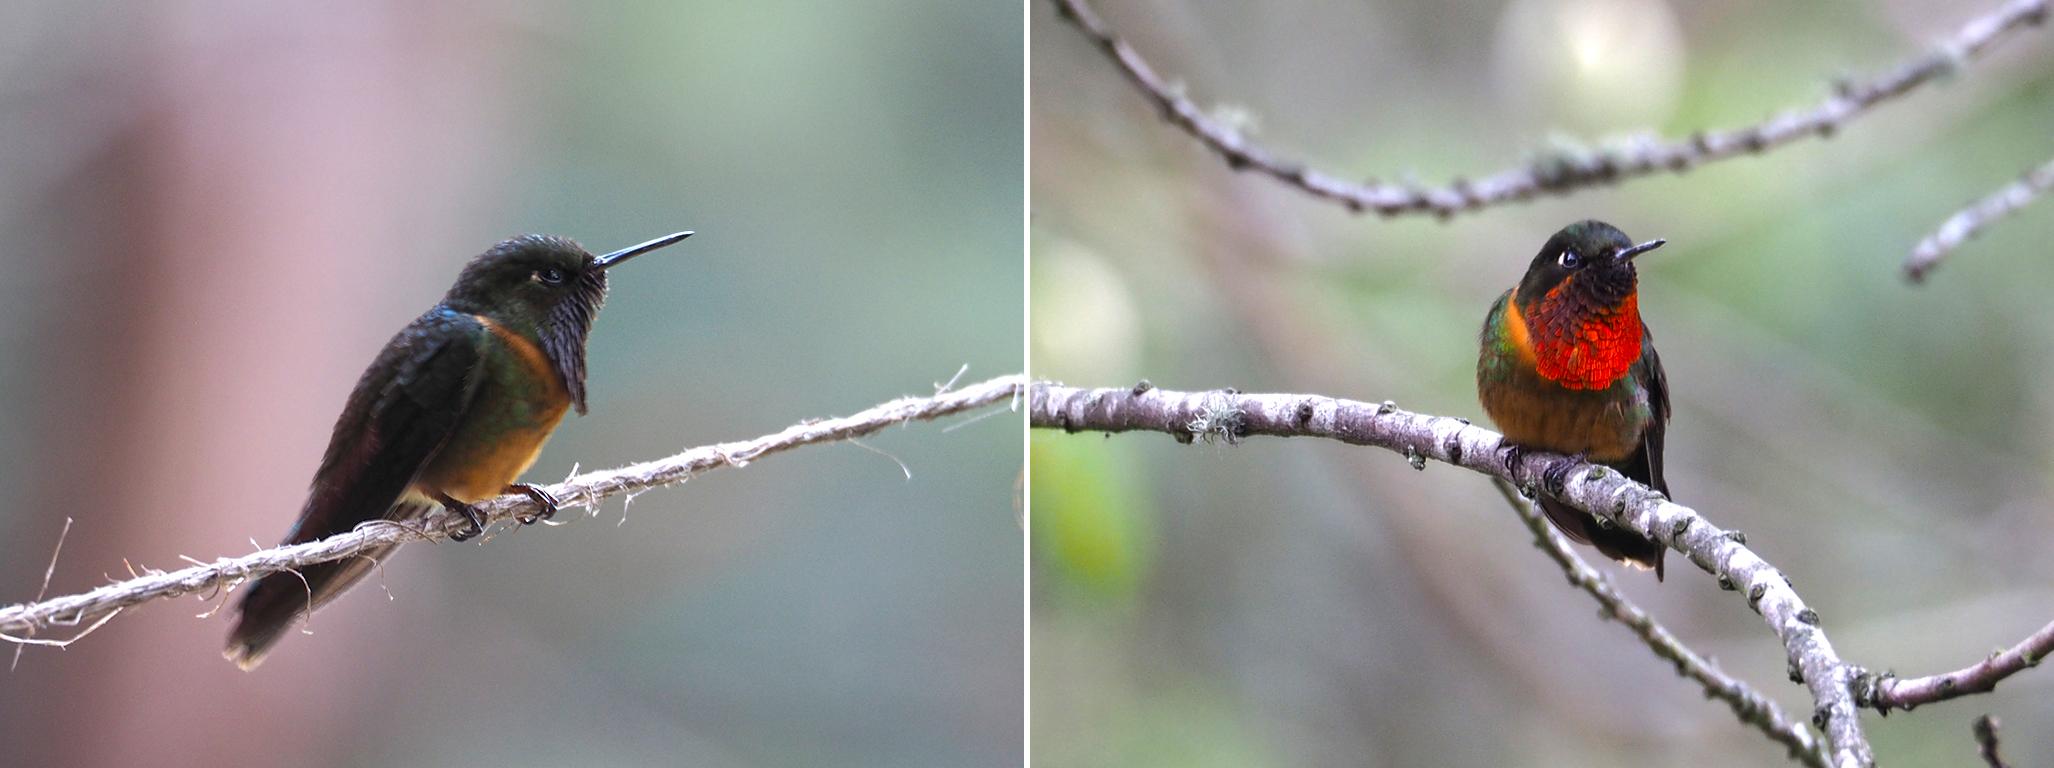 Kolibri-Beobachtung